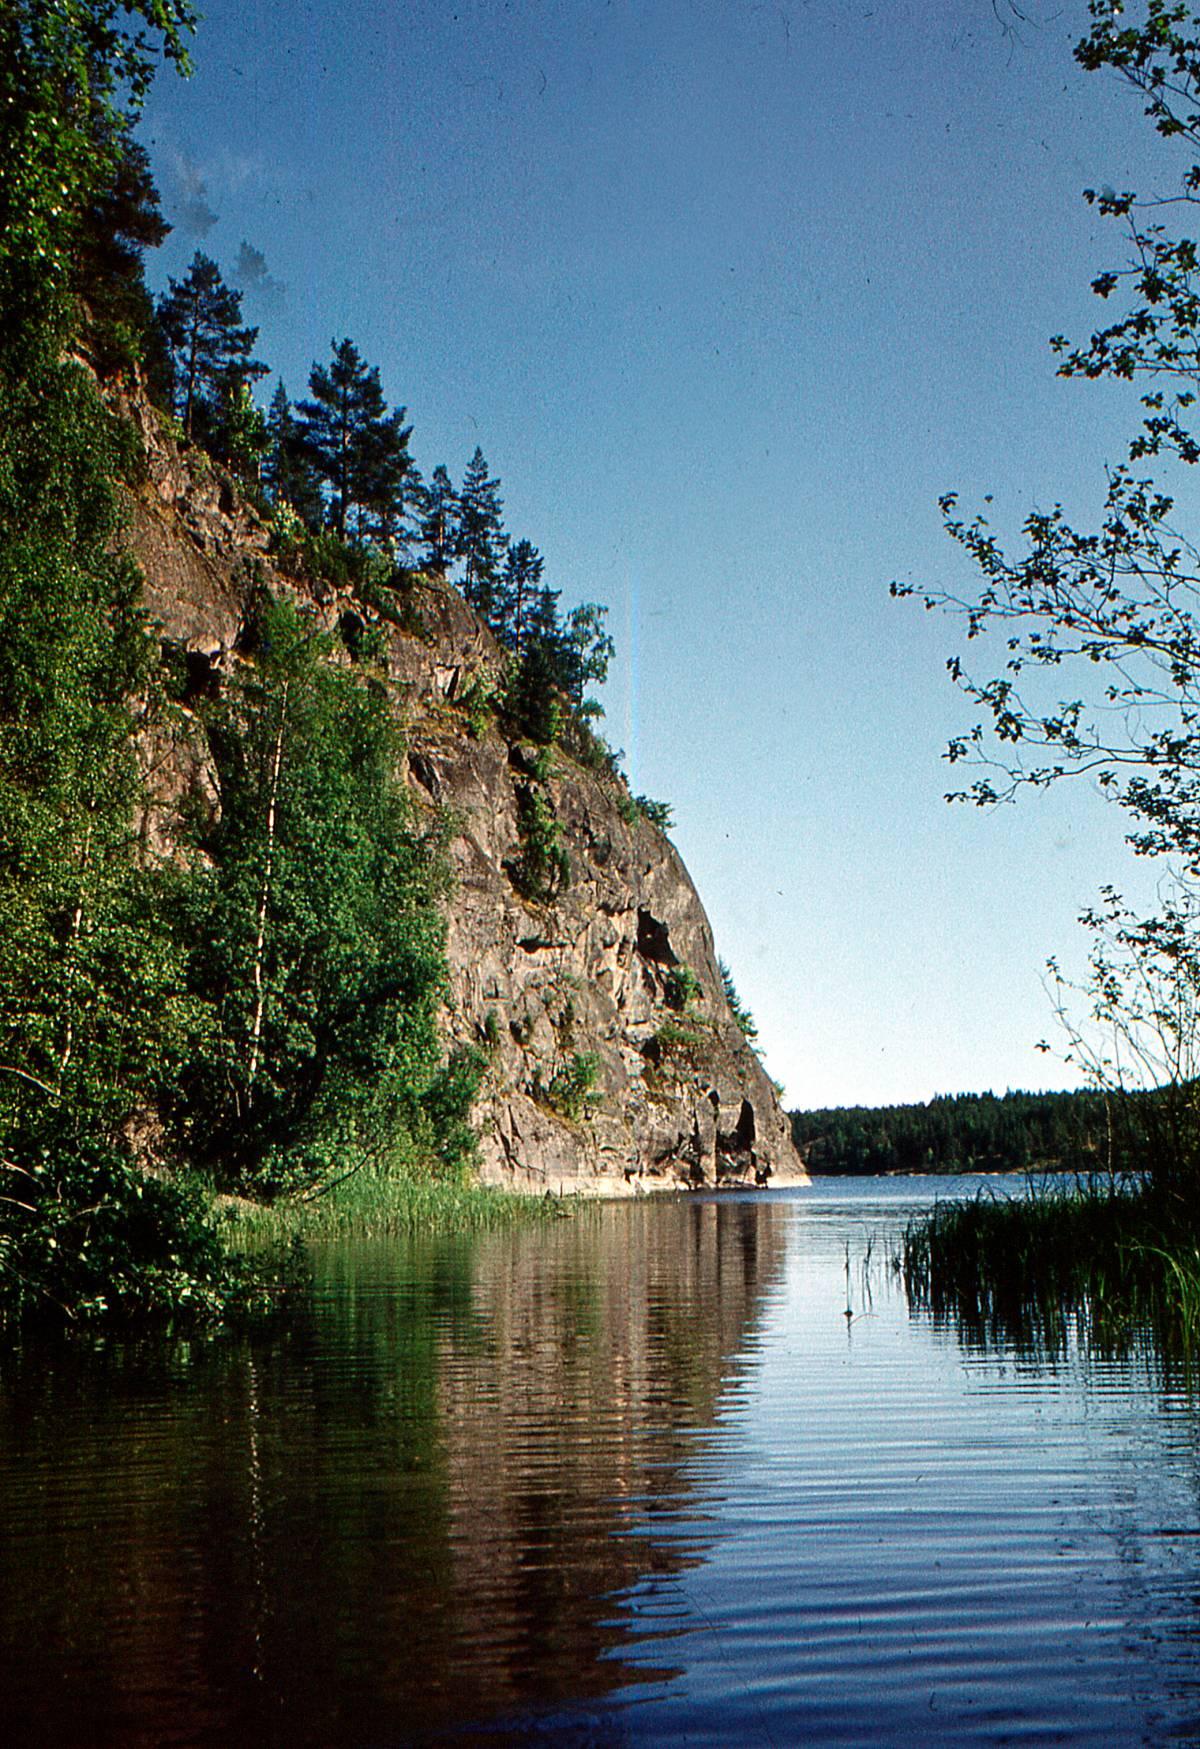 Ладожское озеро. Мыс Рихиниеми